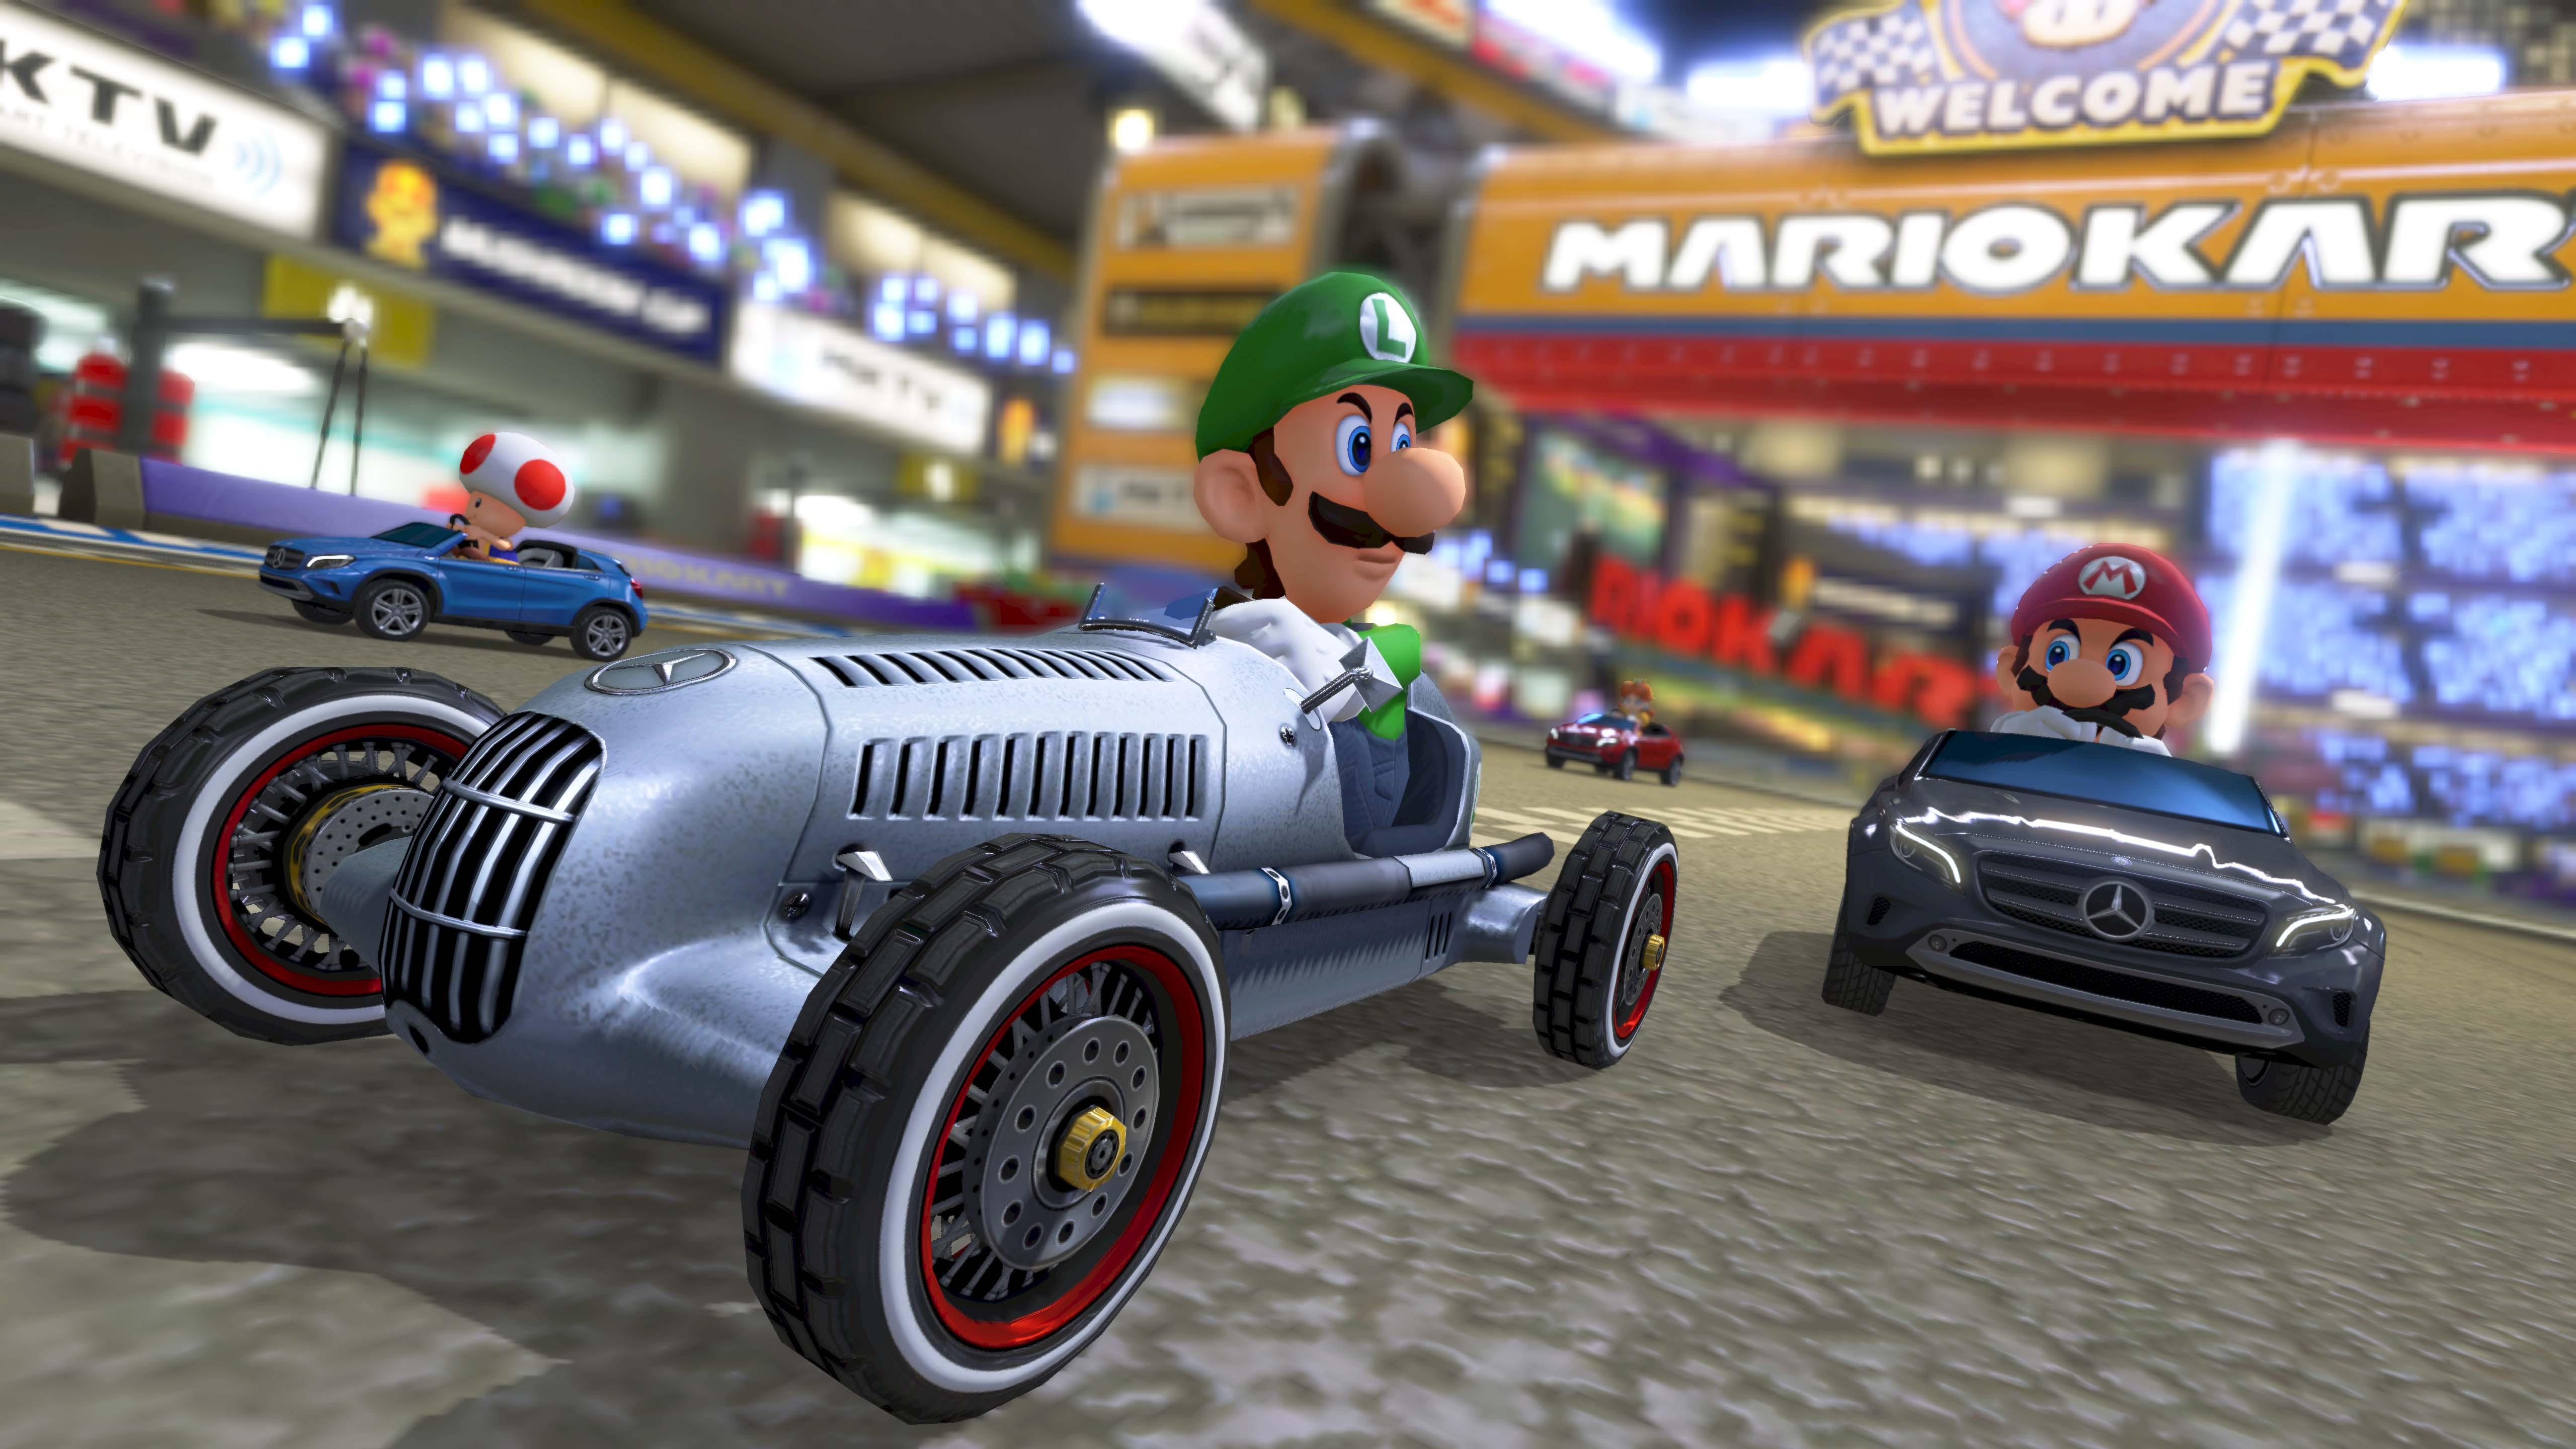 mario kart  adds mercedes benz garage august